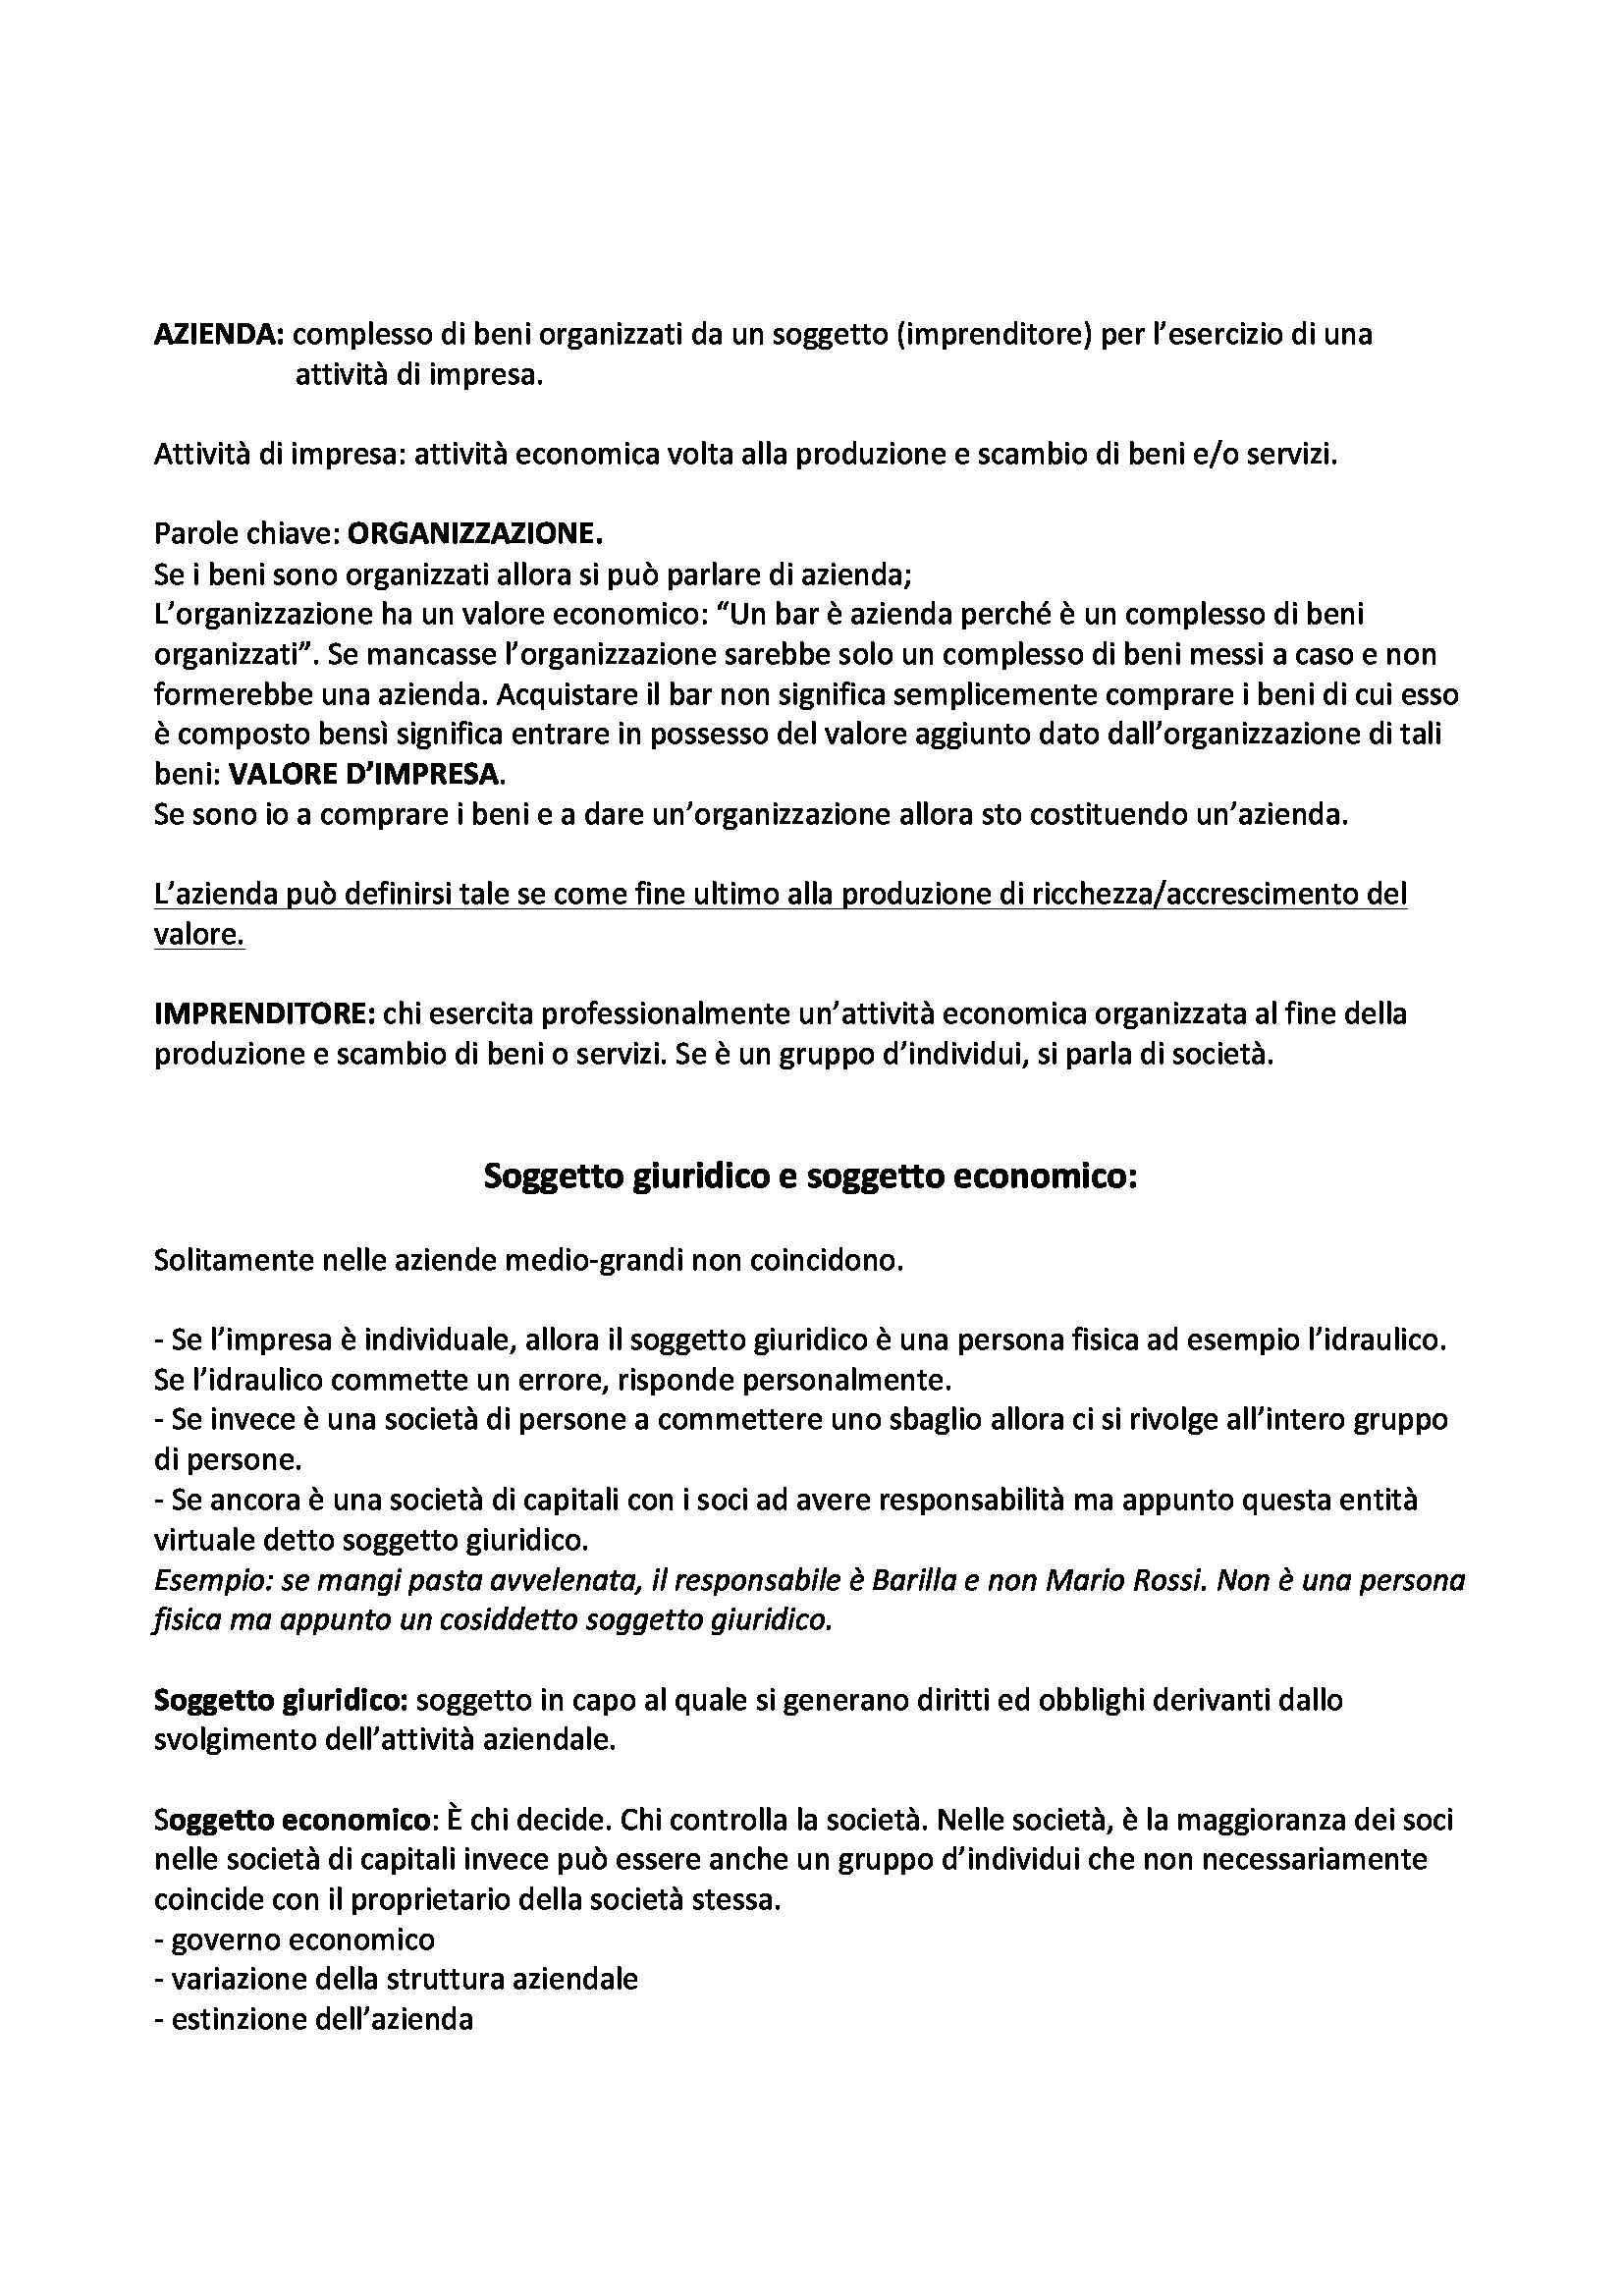 Economia e organizzazione aziendale - esercitazione Pag. 2